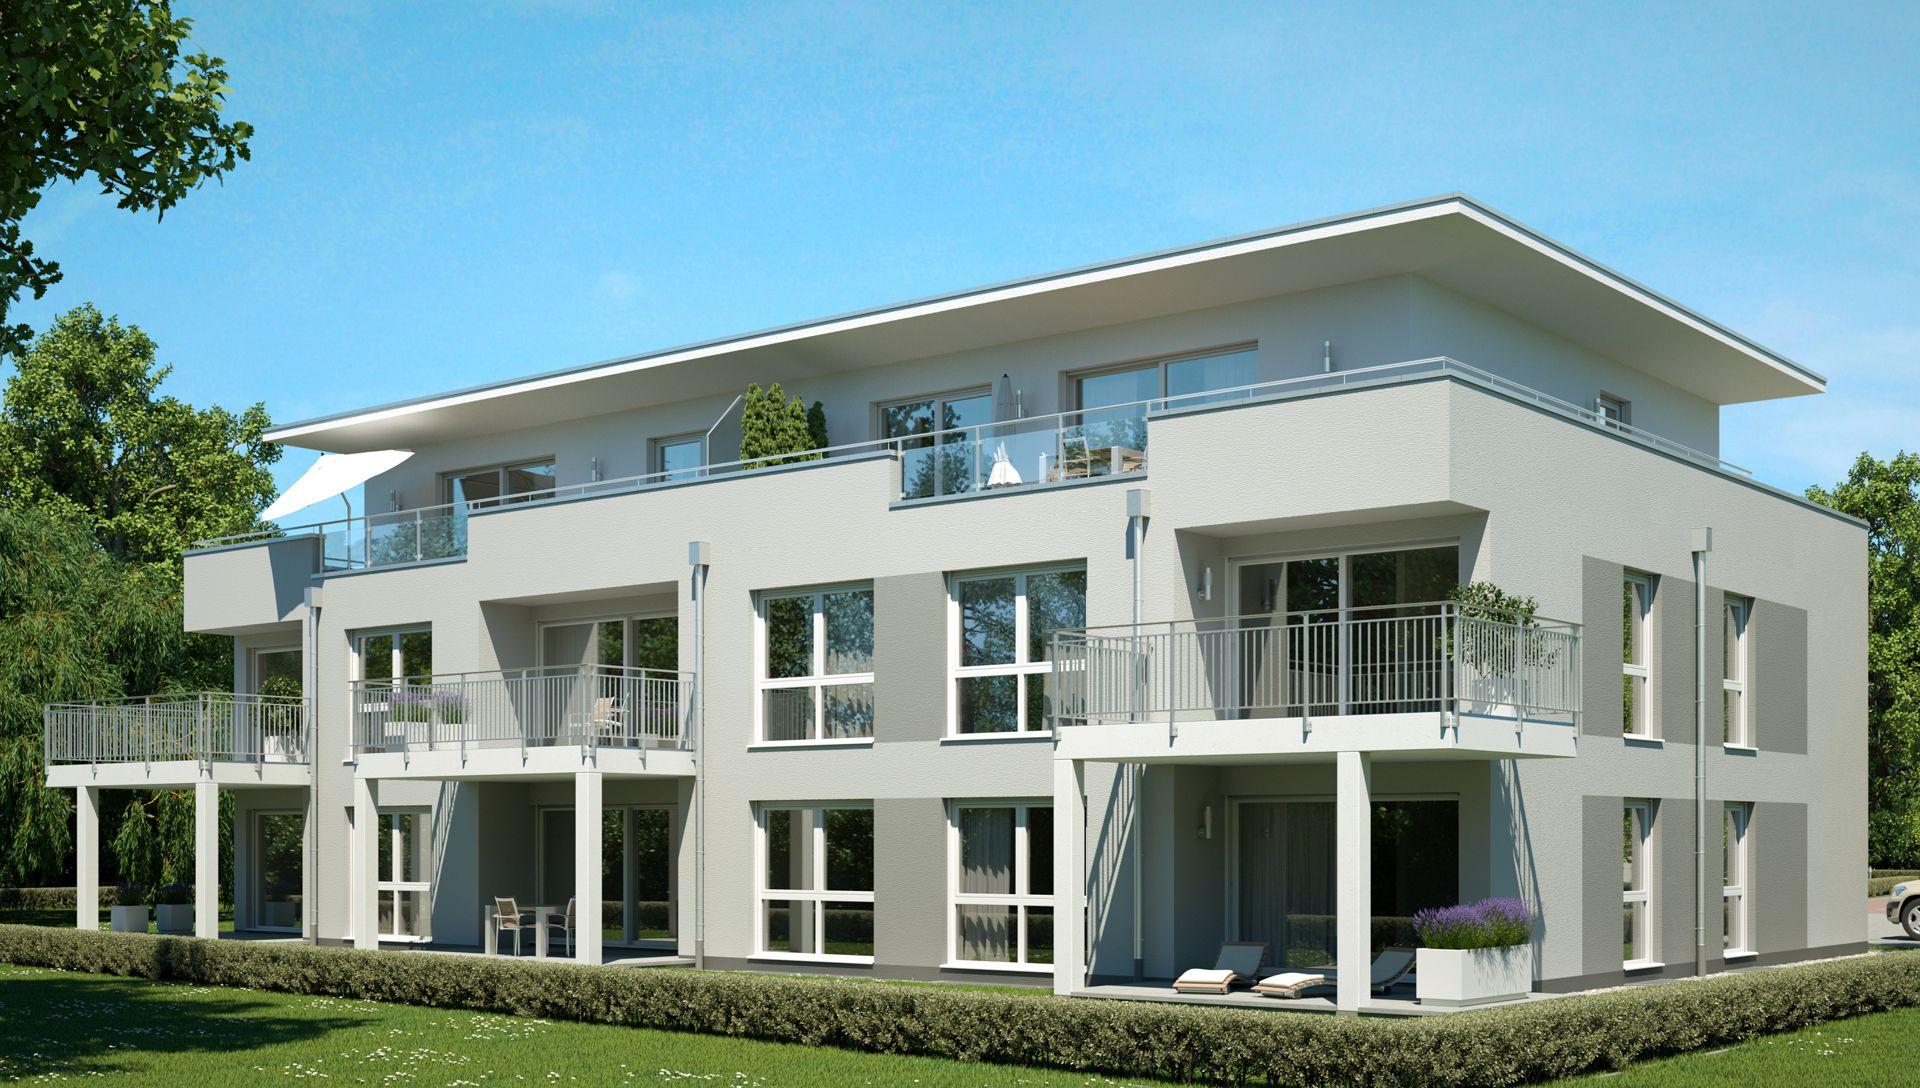 Visualisierung Wohnbauprojekt Bad Kreuznach Terrassen und Balkone